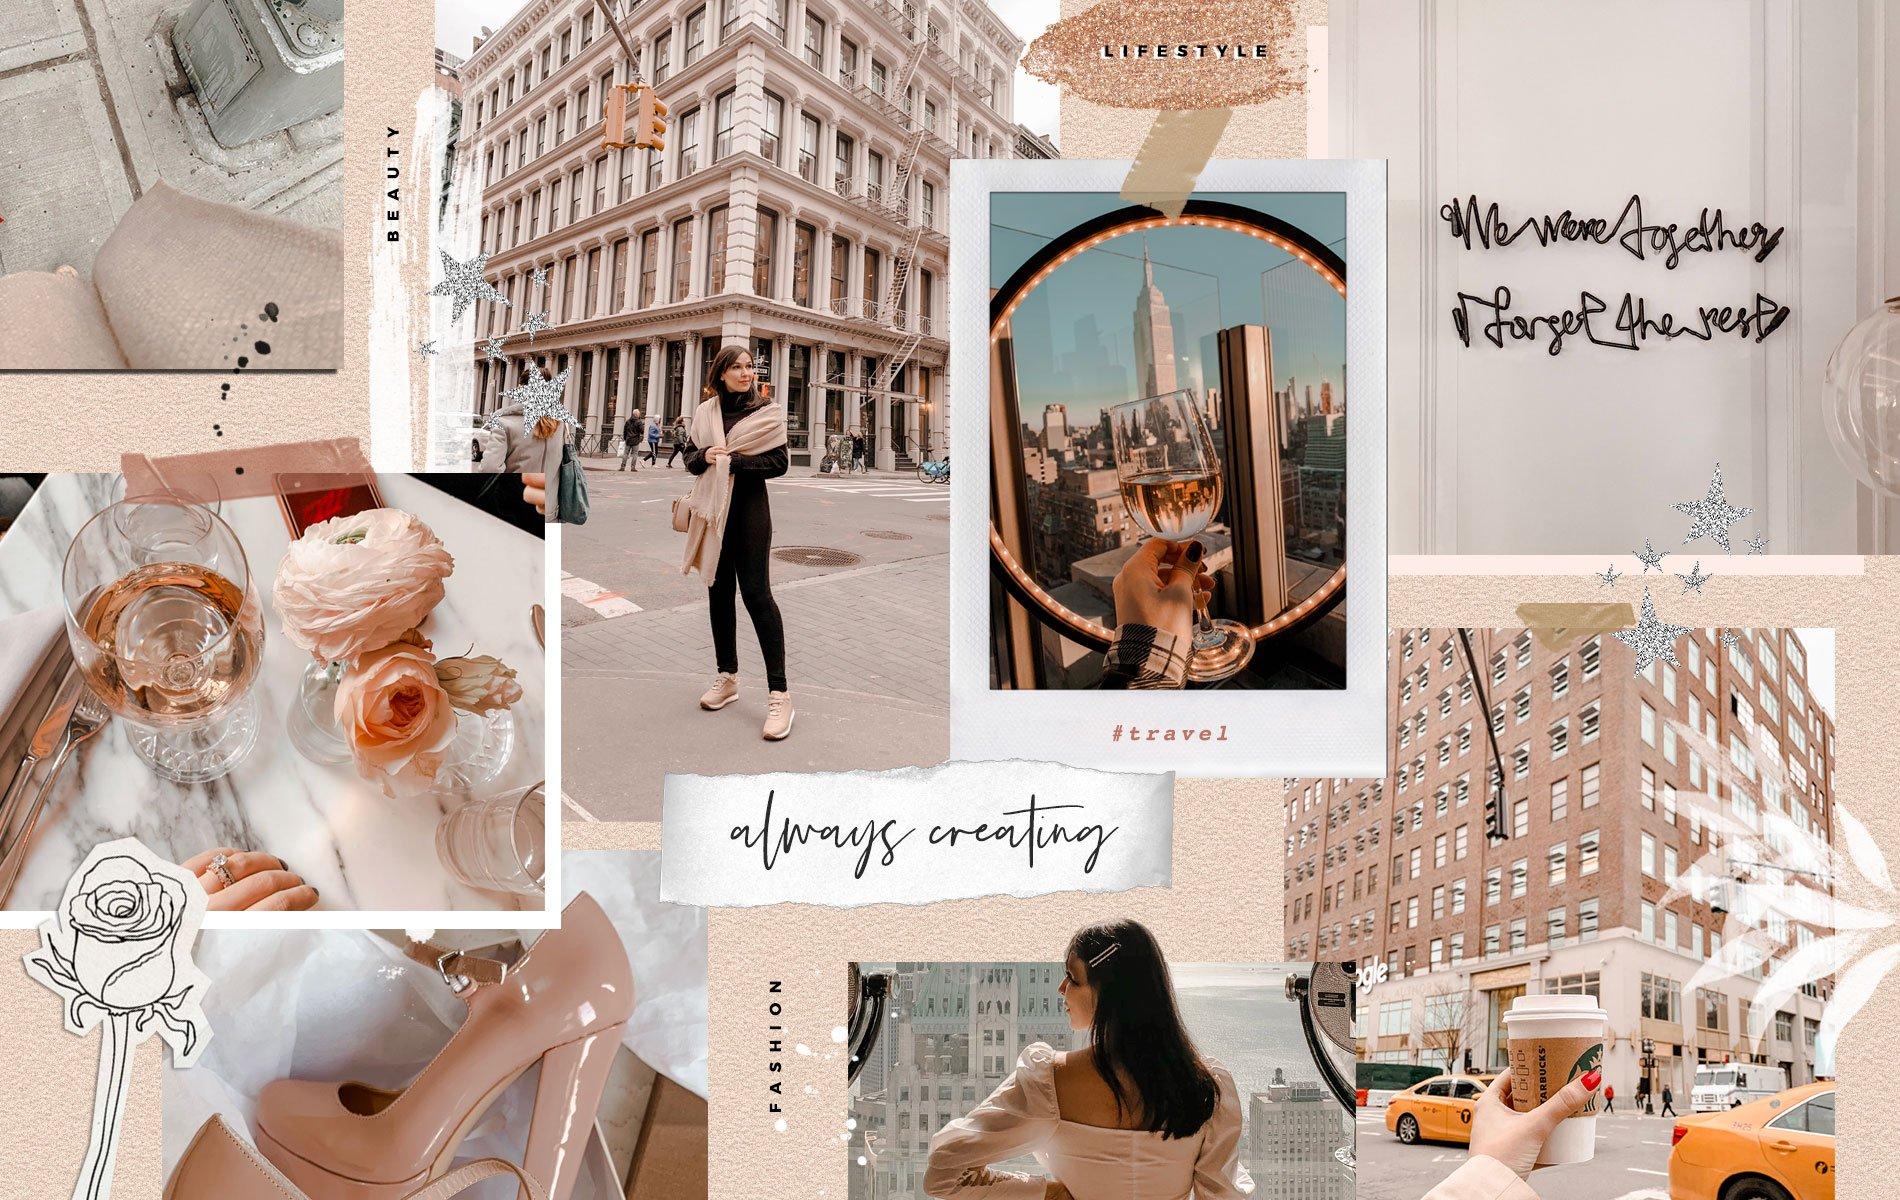 Capa Oh My Closet!, blog de moda e lifestyle por Mônica Araújo